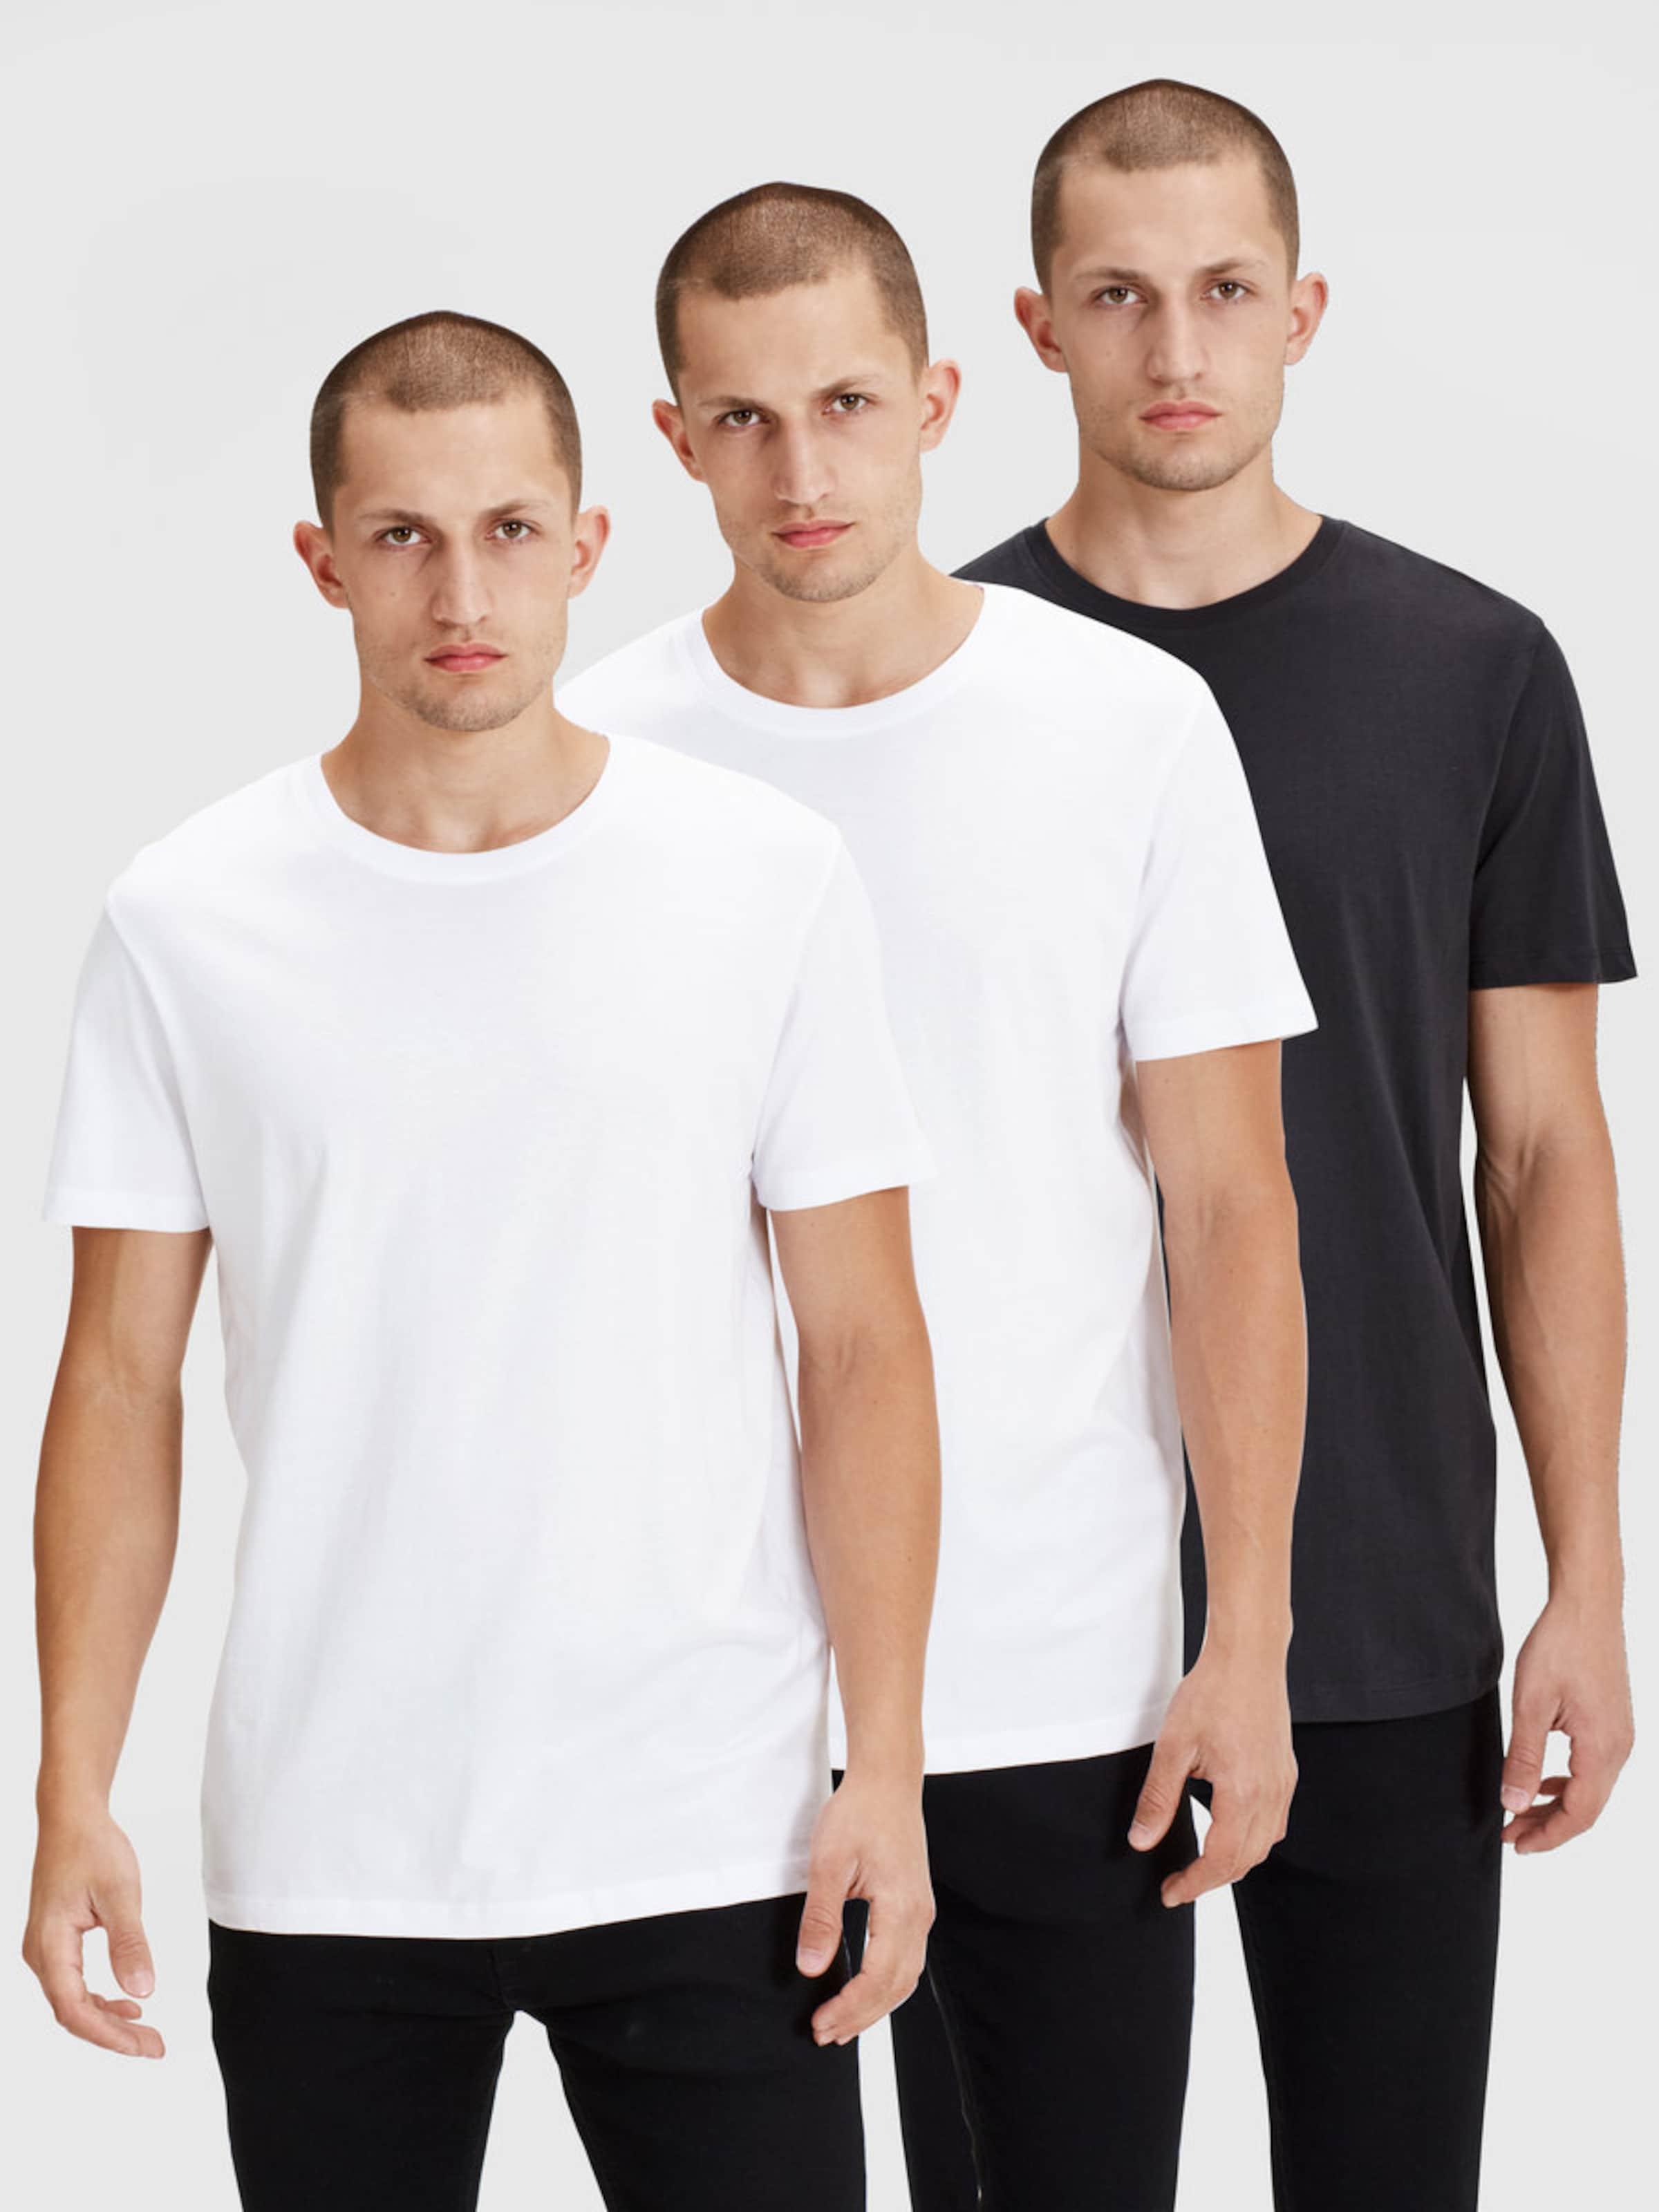 JACK & JONES Basic T-Shirt Steckdose Countdown-Paket Mit Paypal Bezahlen Billig Authentische Sast Günstiger Preis u7a5K